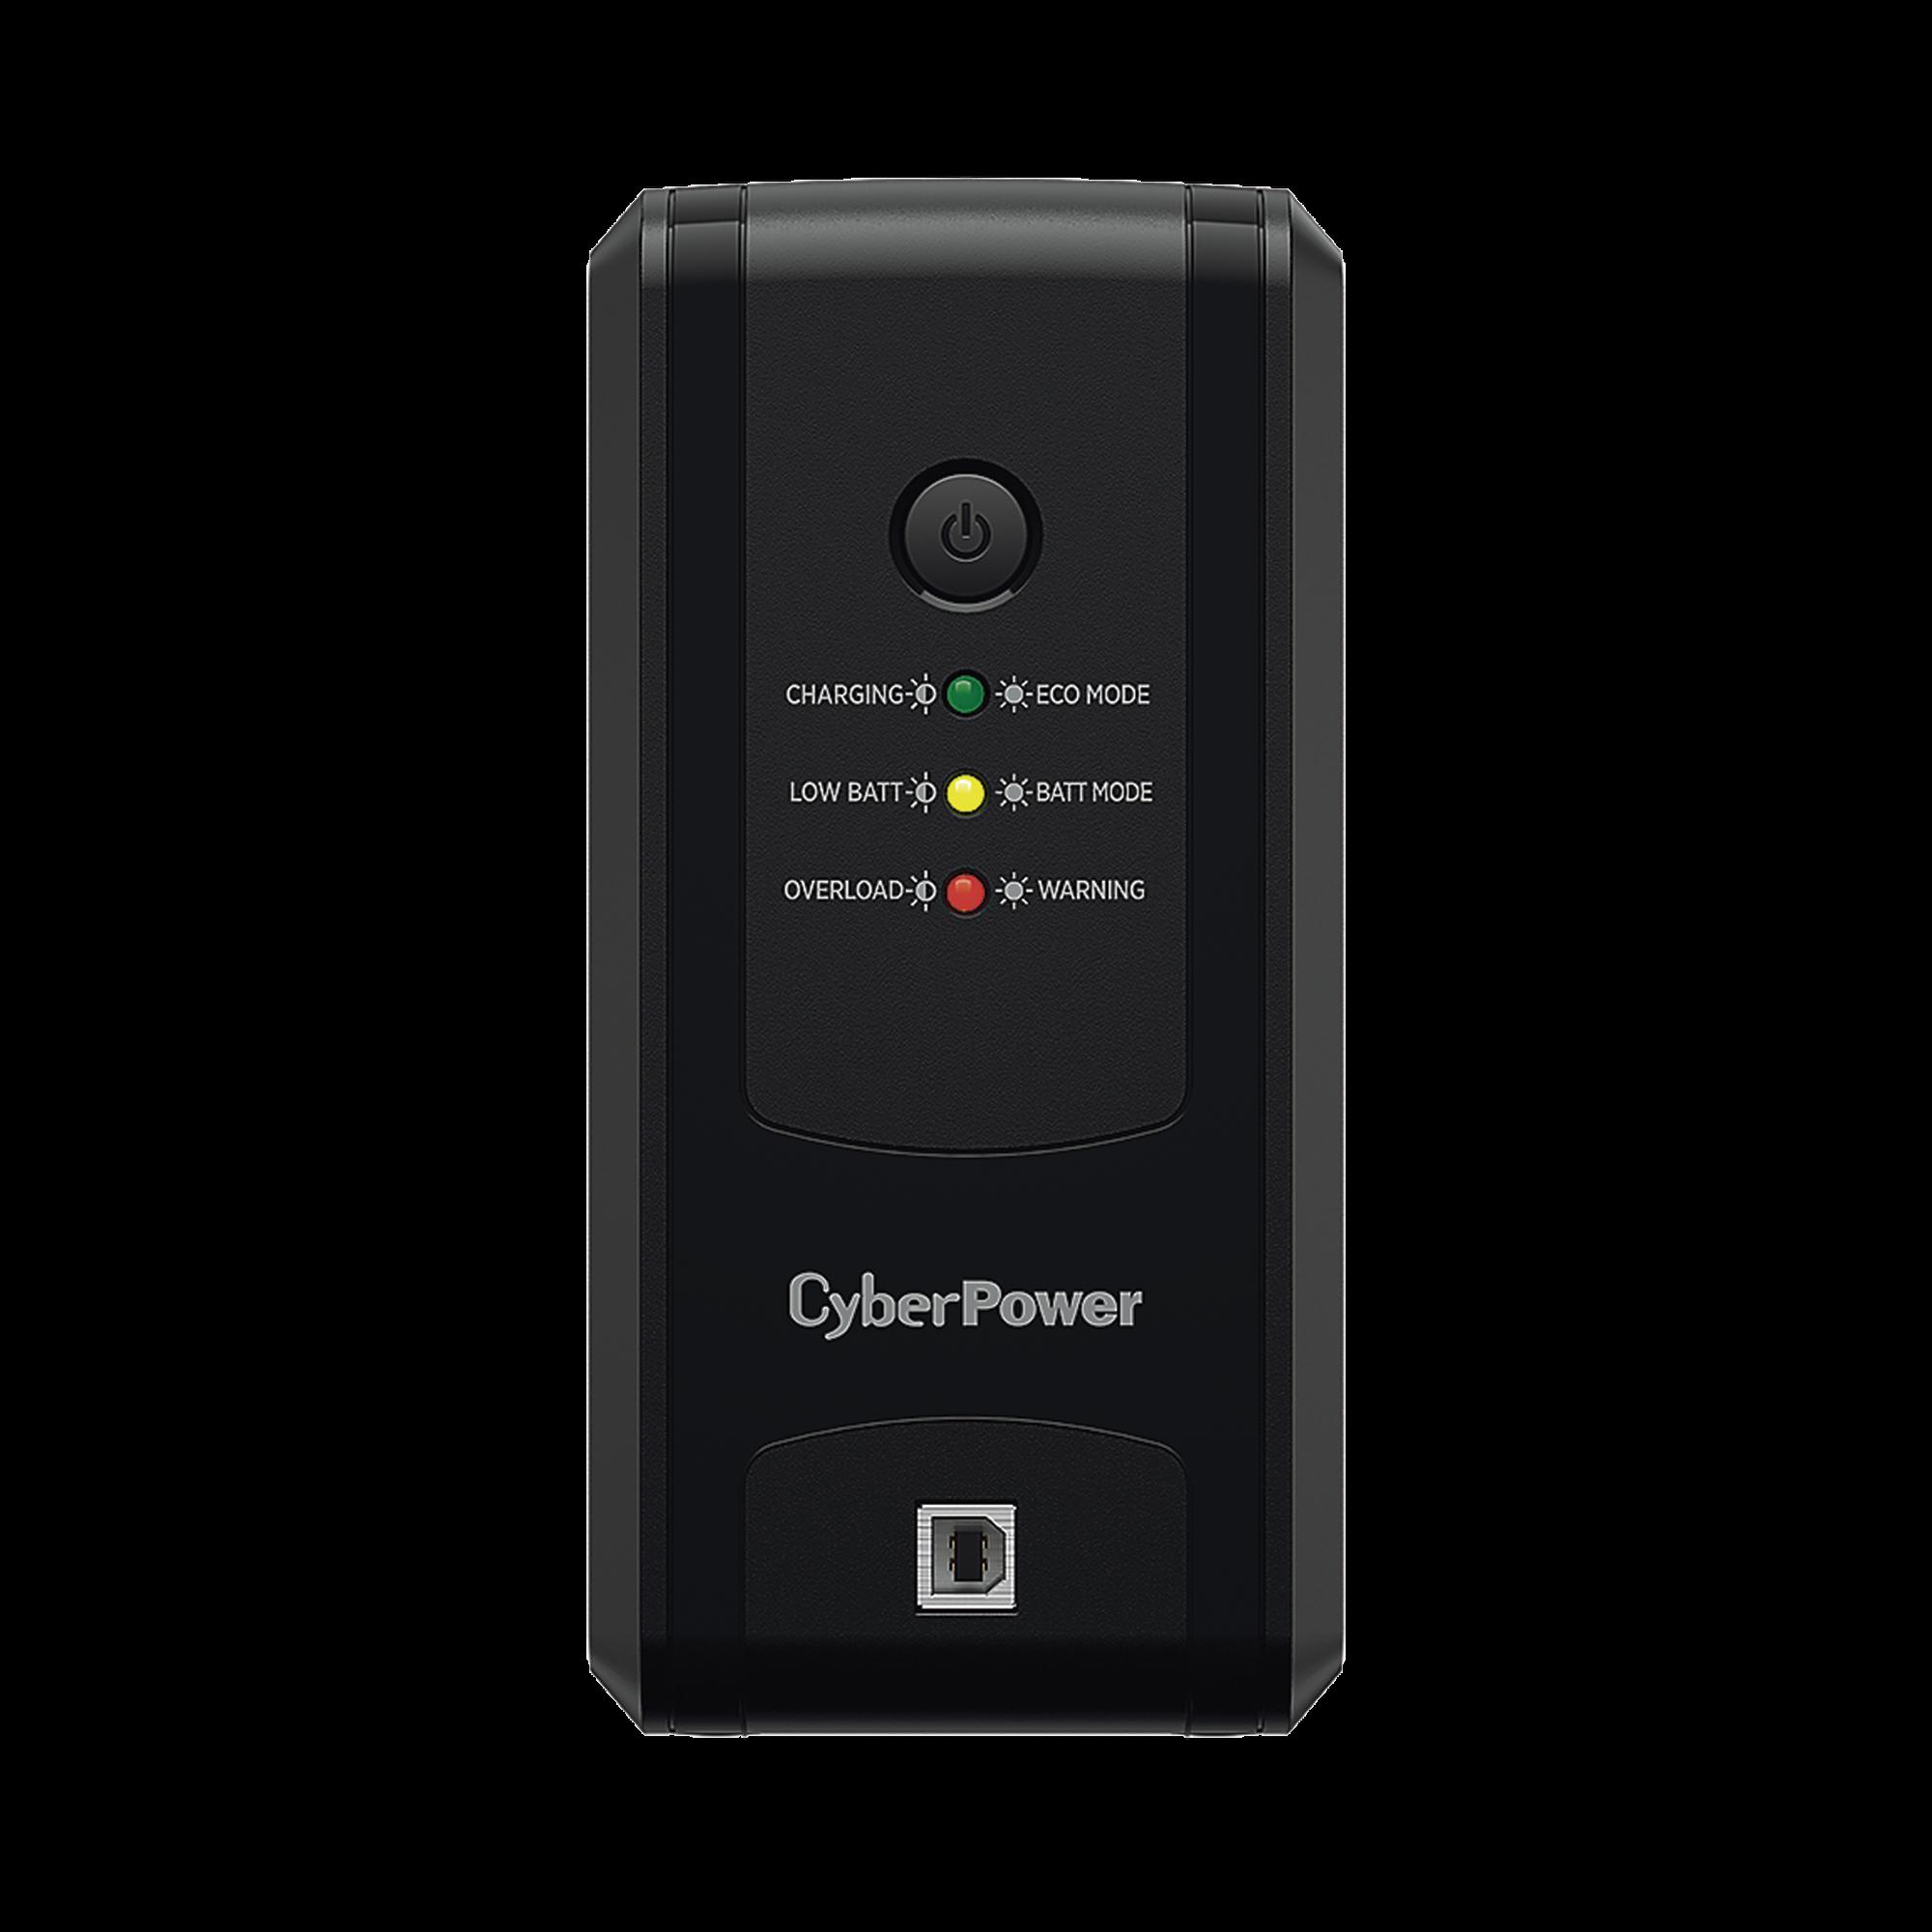 UPS de 550 VA/275 W, Topología Línea Interactiva, Entrada 120 Vca NEMA 5-15P, y 8 Salidas NEMA 5-15R, Puerto USB, Con Regulador de Voltaje (AVR)